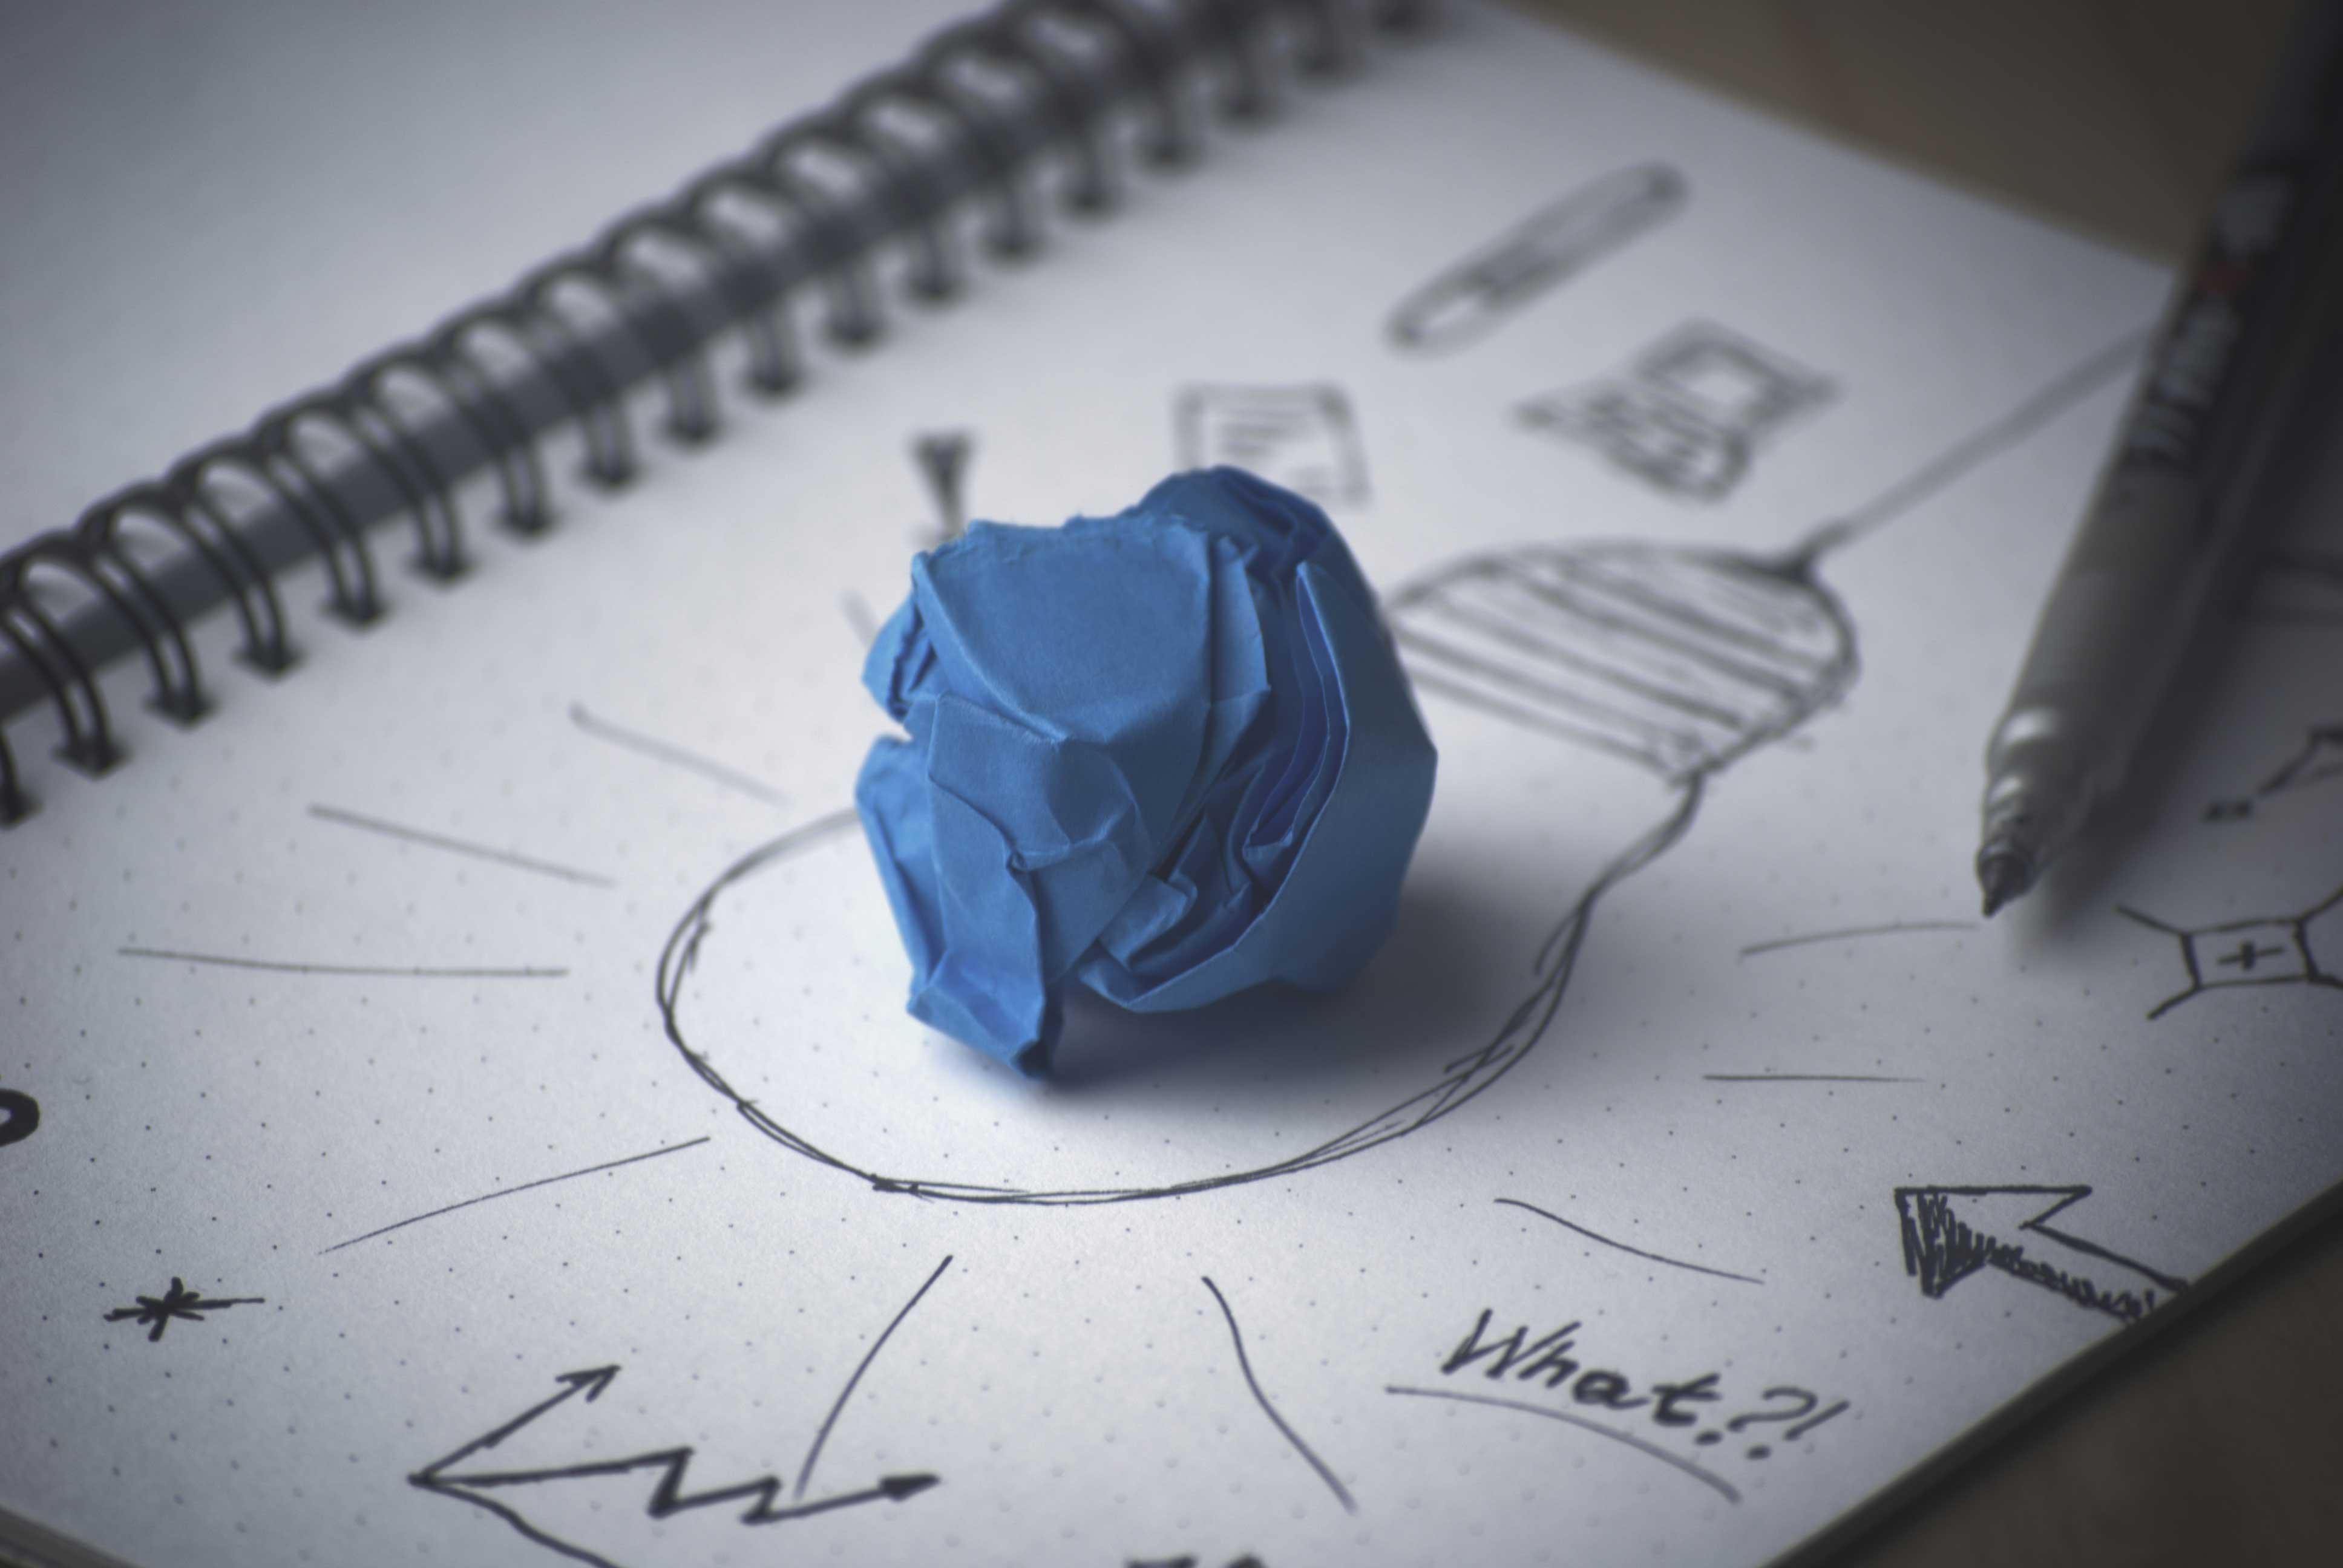 Un avocat spécialisé en innovation et création à Rennes